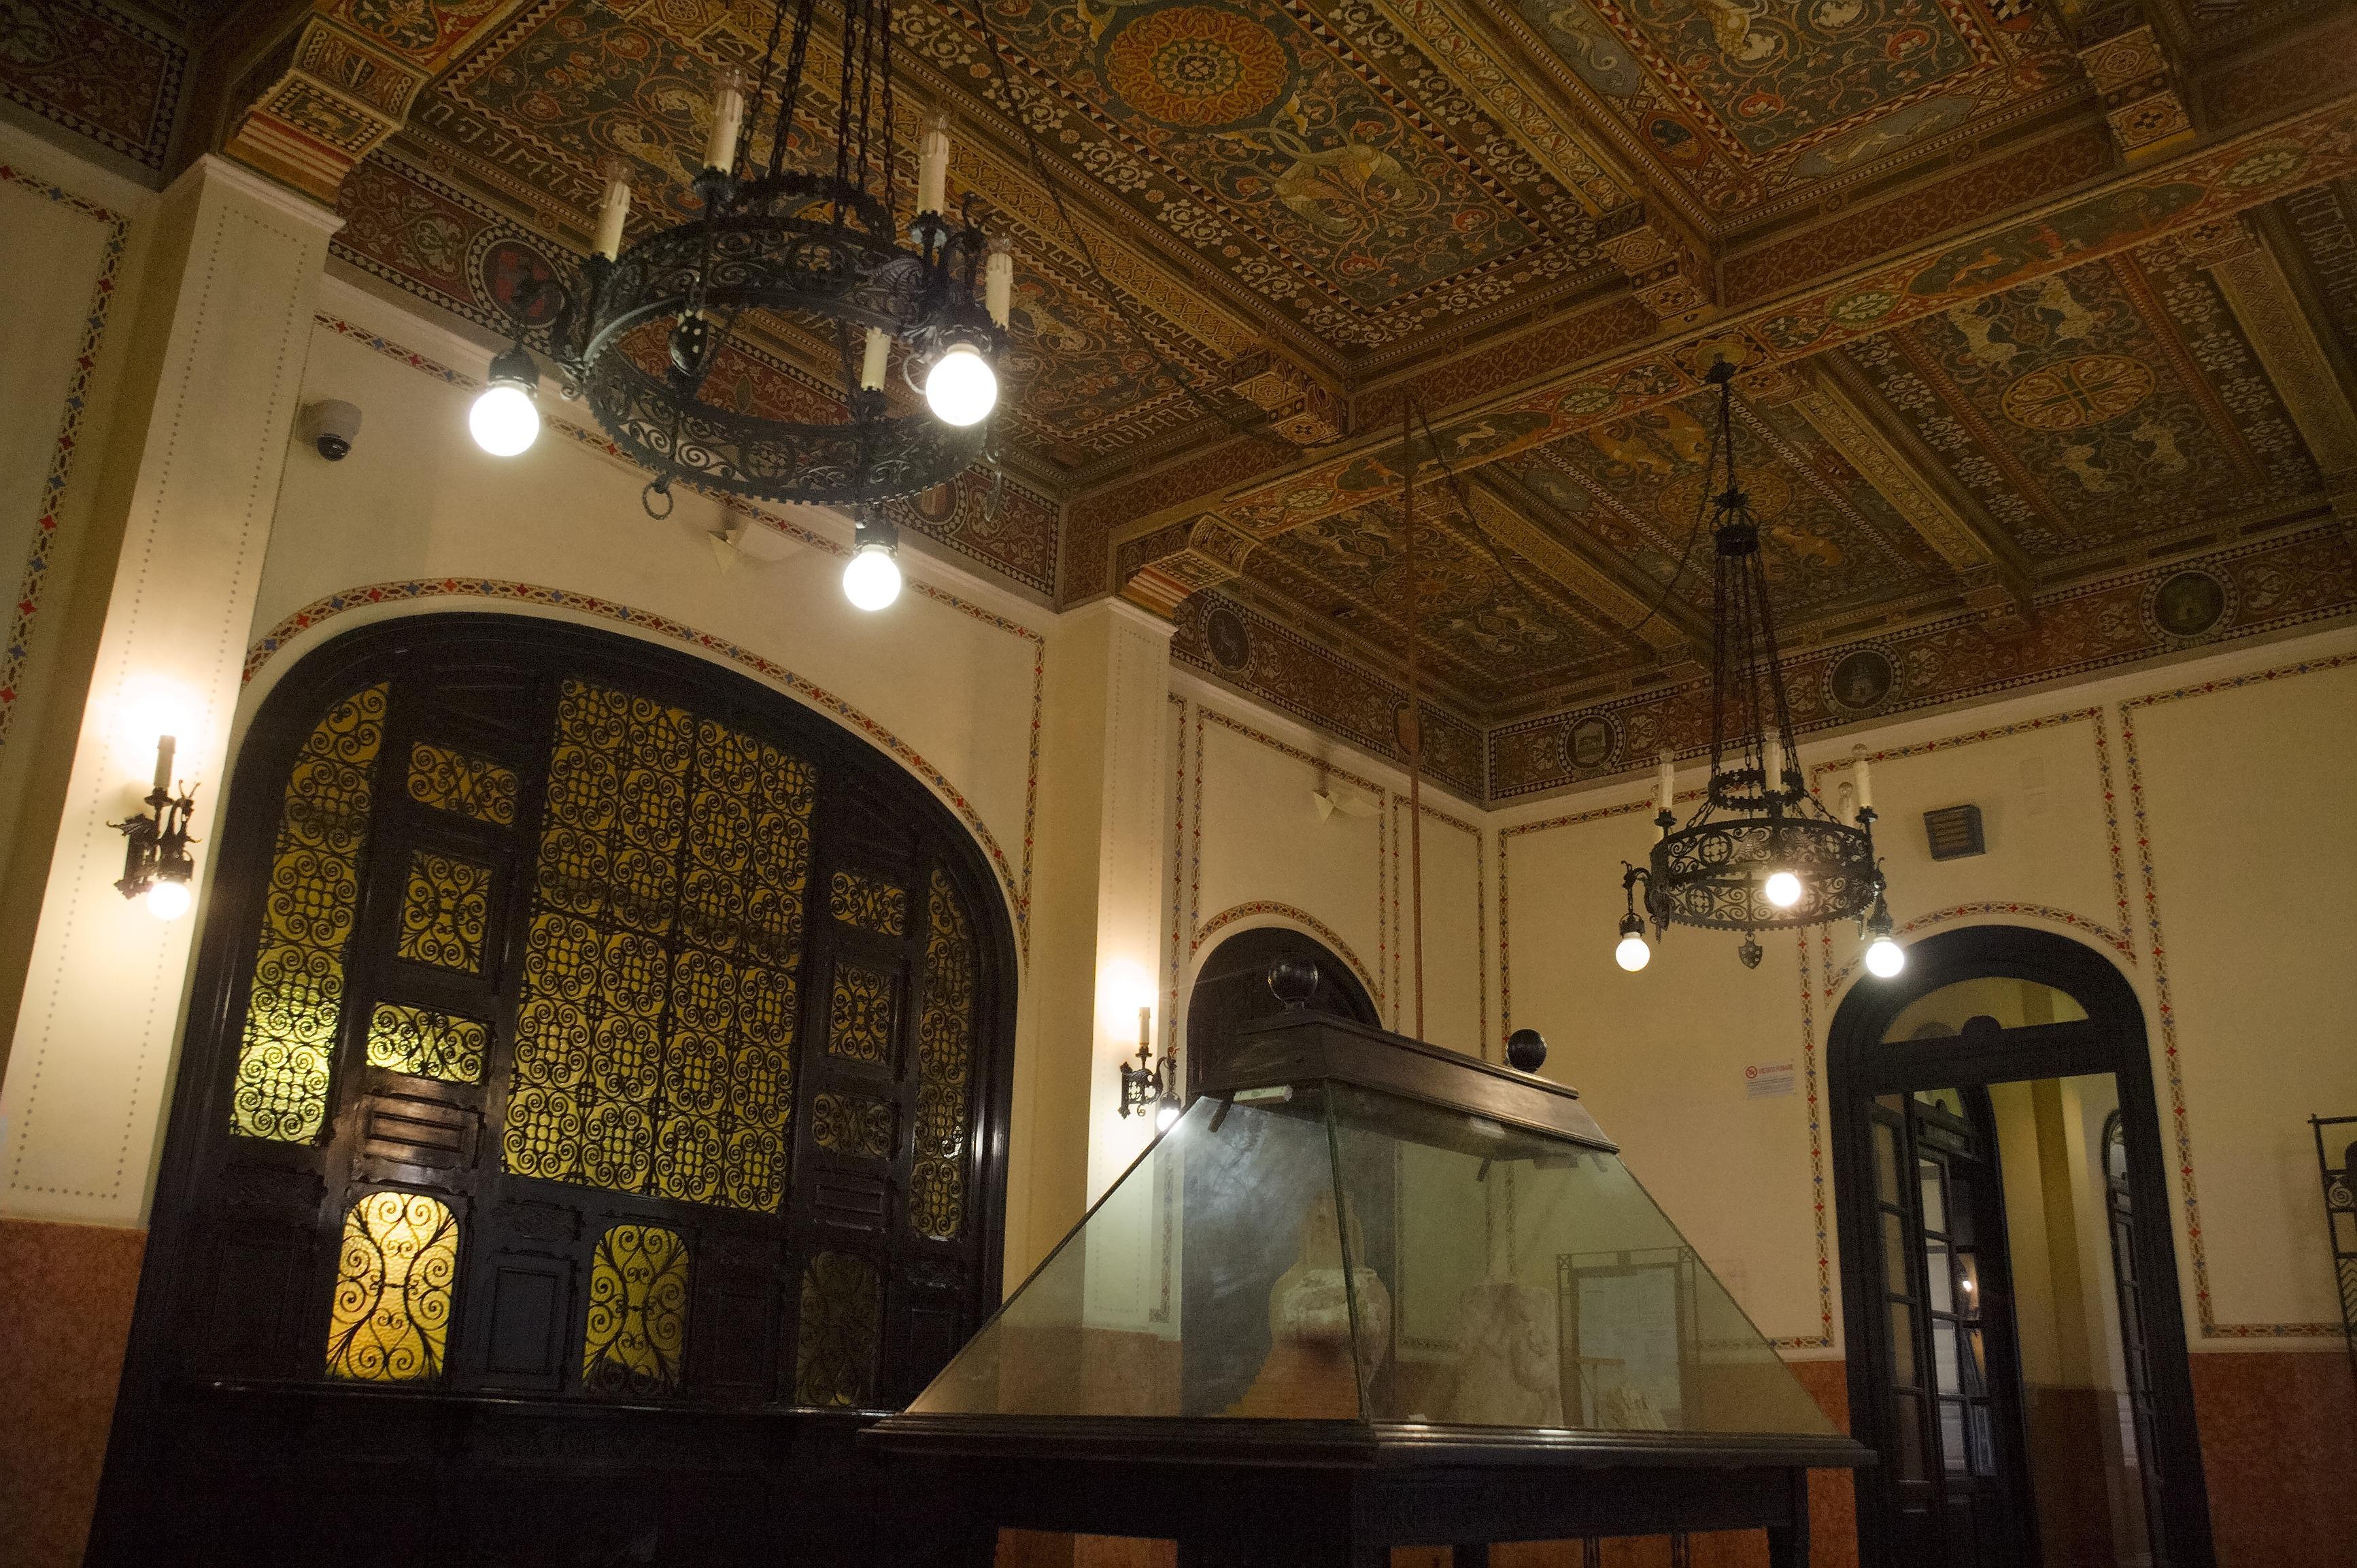 Images gratuites b timent restaurant plafond italie - Plafond de la chapelle sixtine description ...